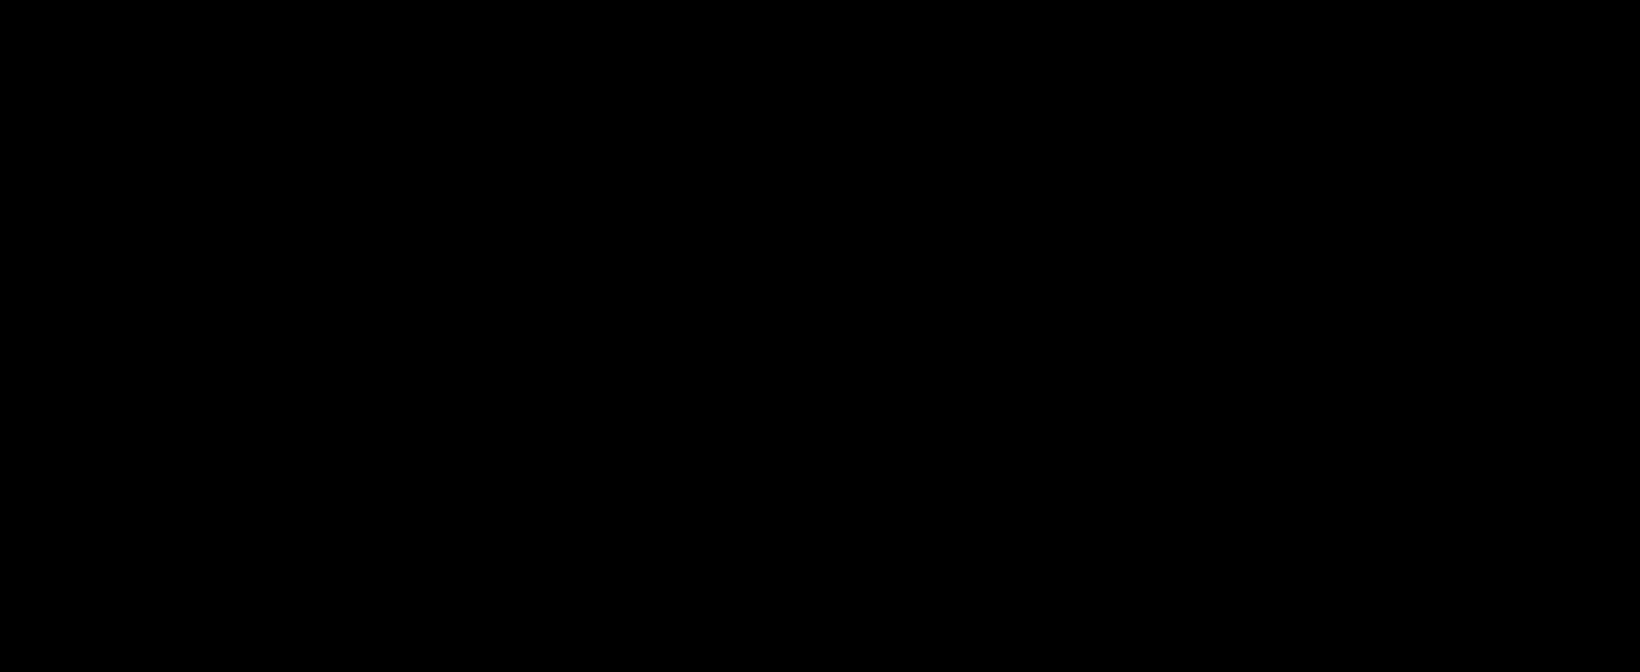 LevothyroxineEP impurity B